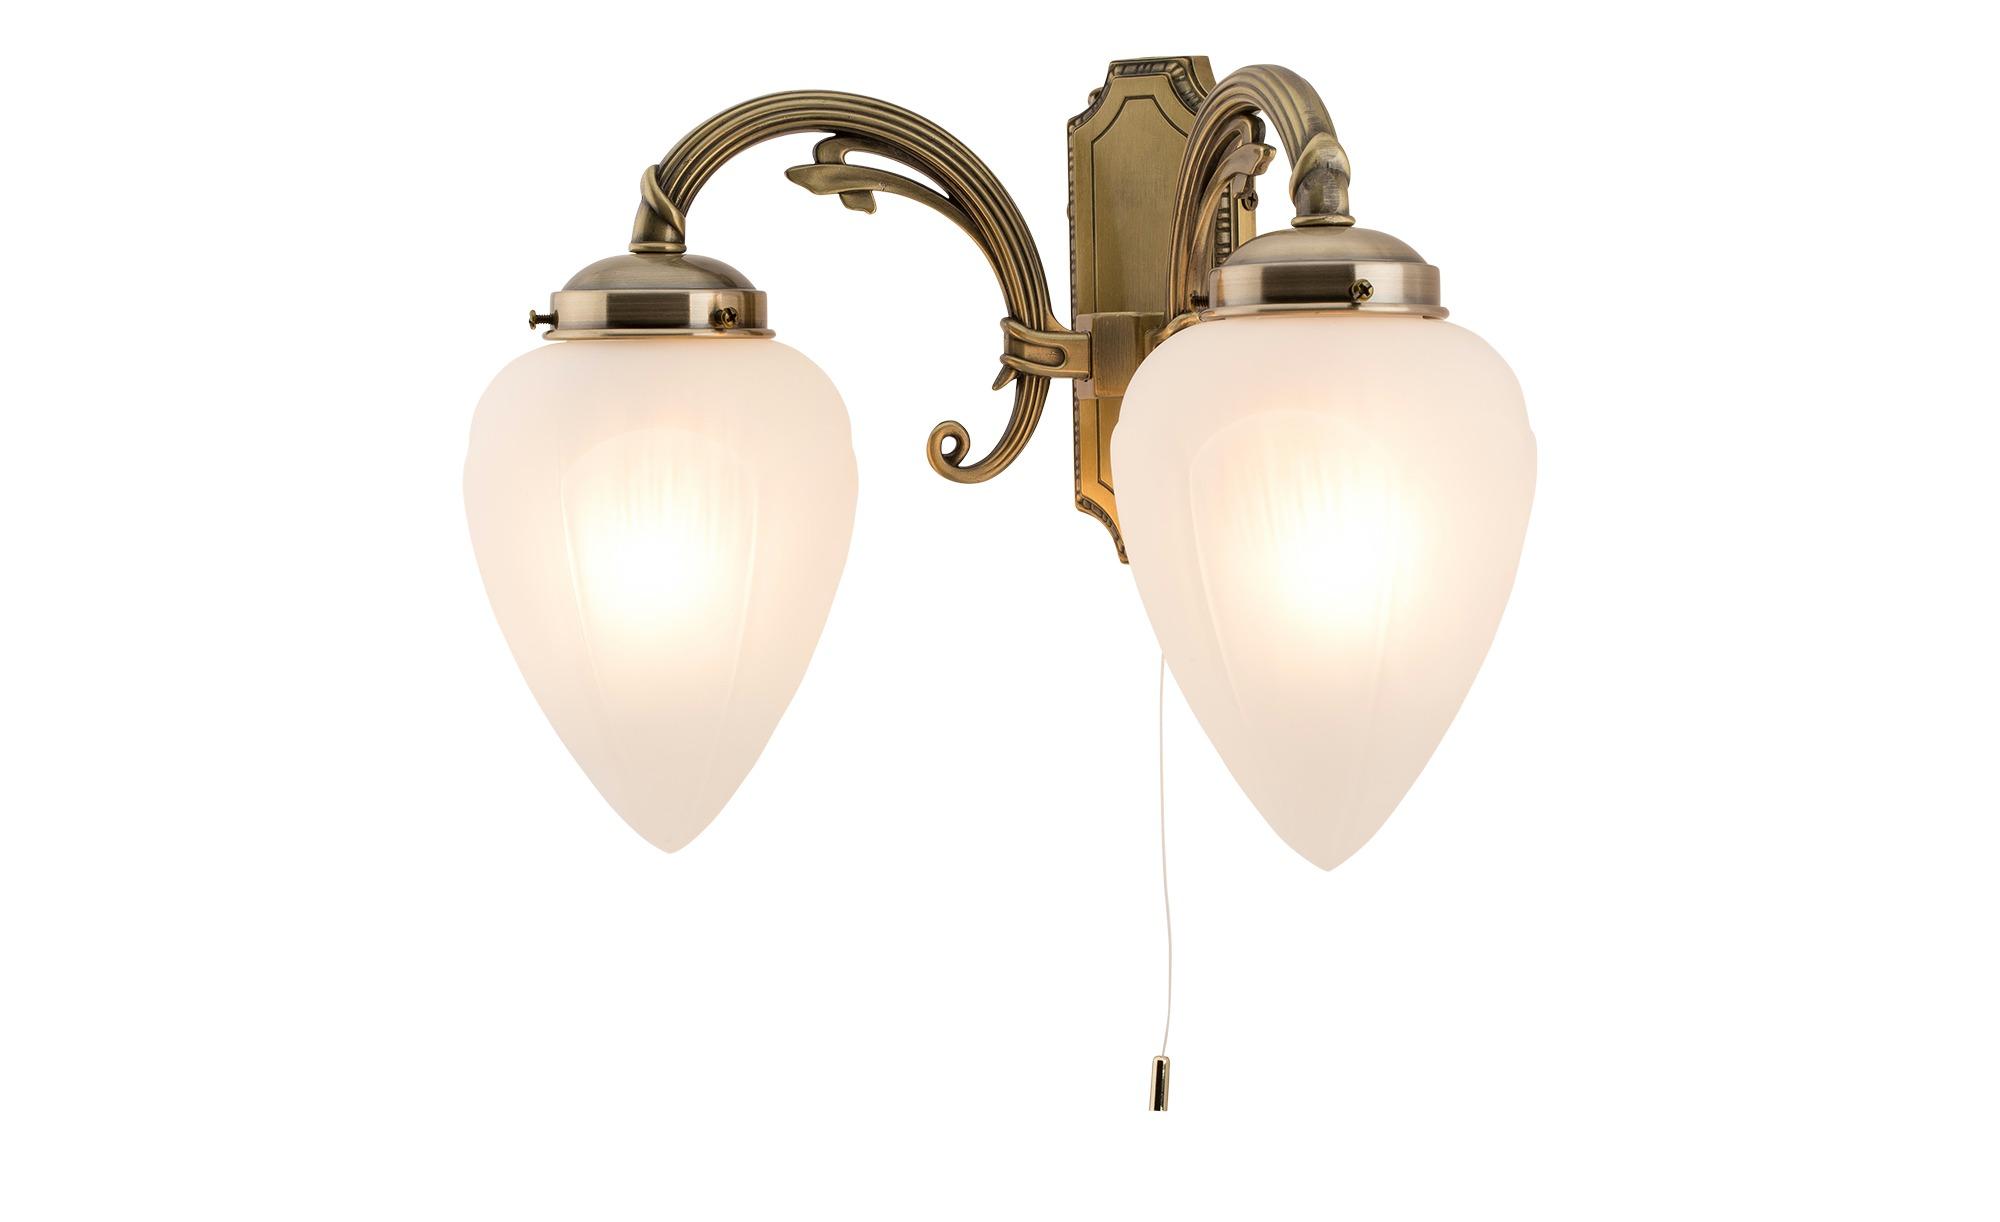 KHG Wandleuchte ¦ gold ¦ Maße (cm): B: 19 H: 29 T: 29 Lampen & Leuchten > Innenleuchten > Wandleuchten - Höffner